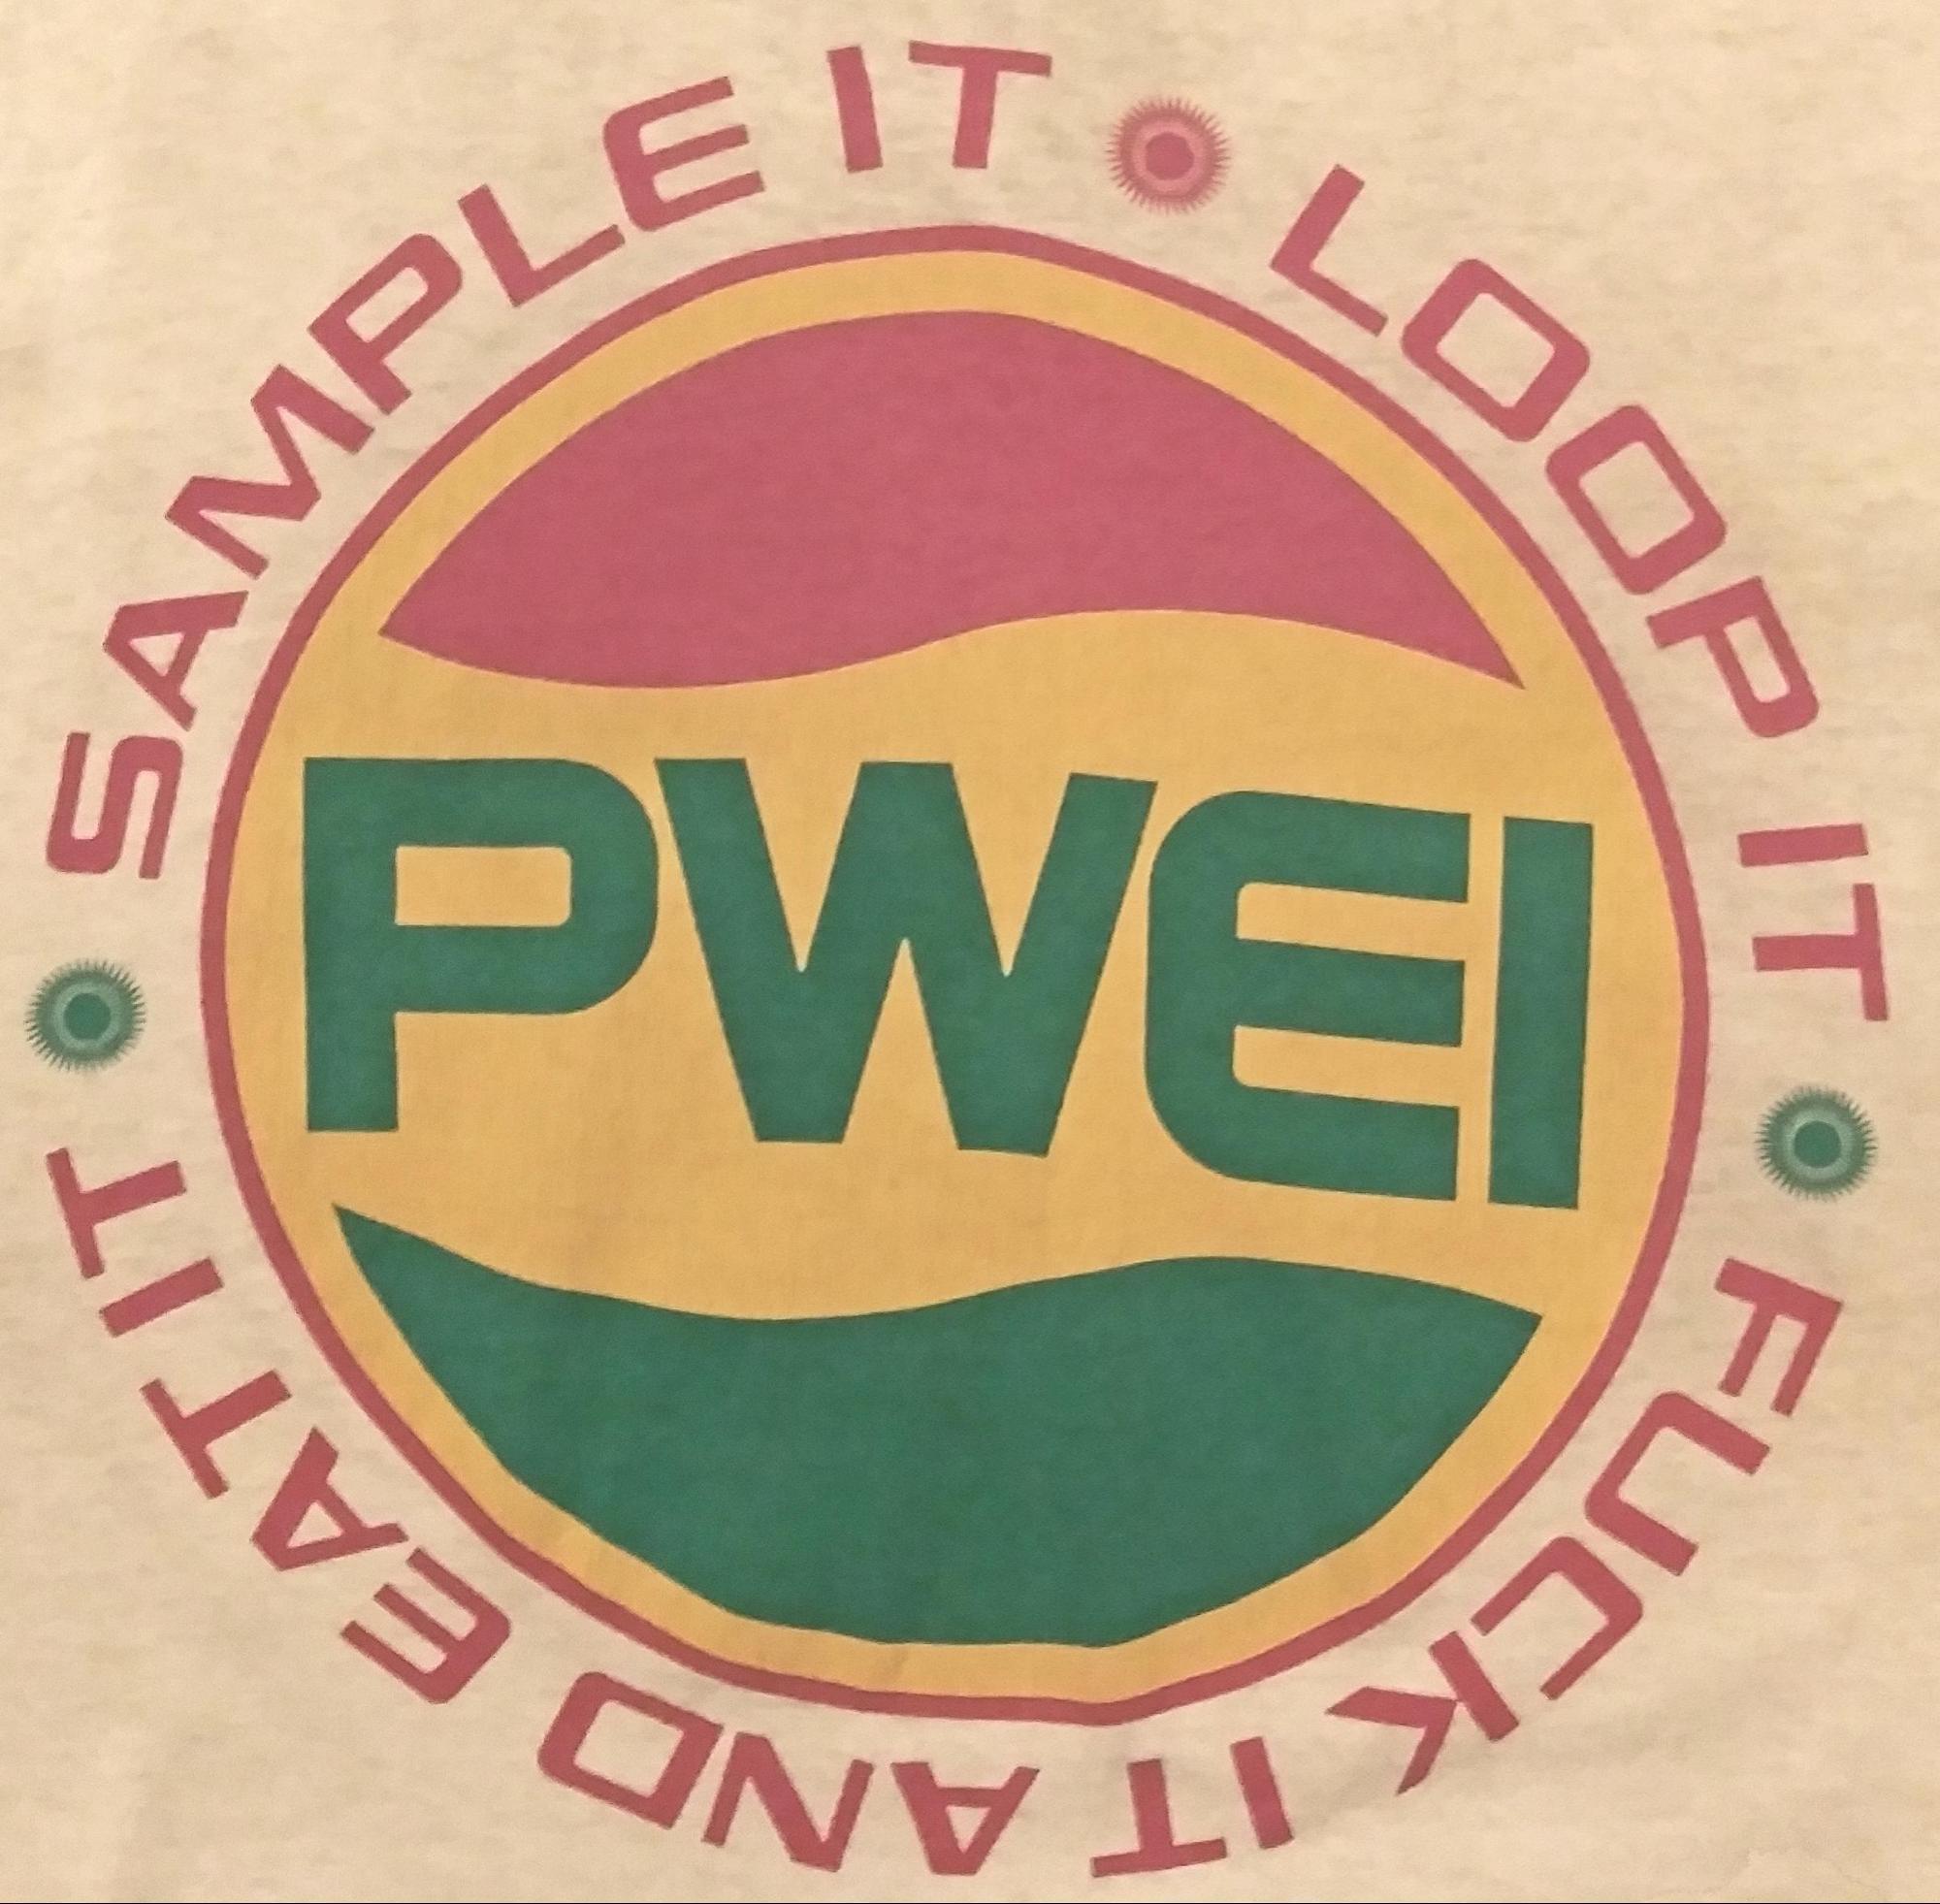 pwei pepsi logo